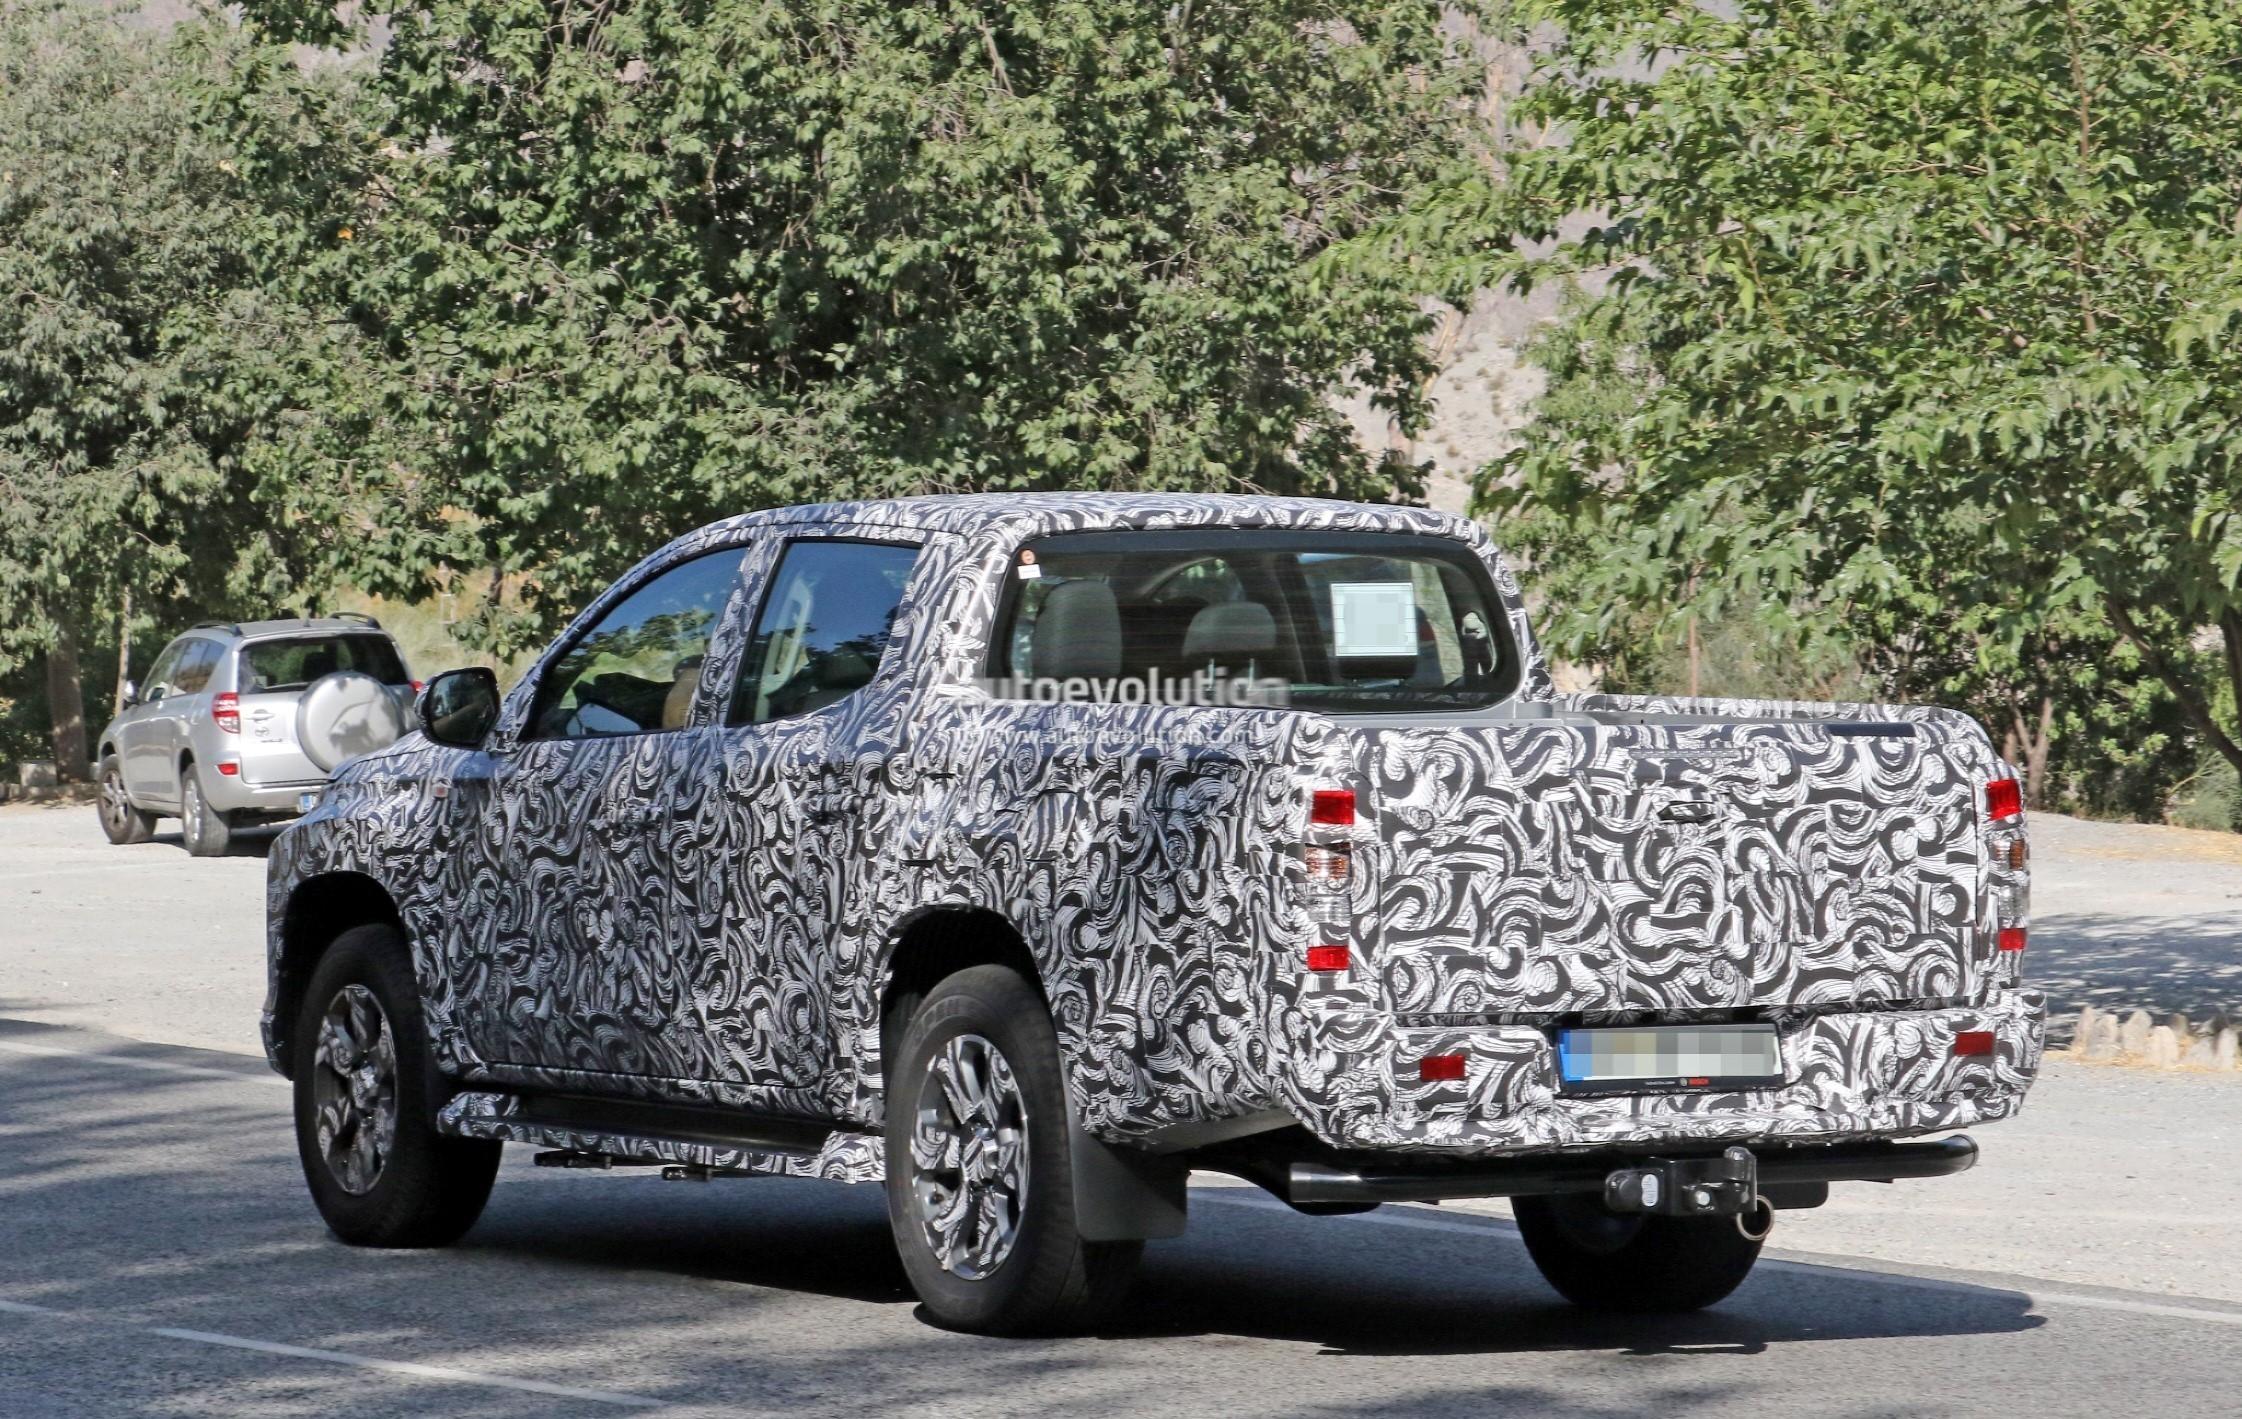 2019 Mitsubishi L200 (Triton) Double Cab Spied Testing ...